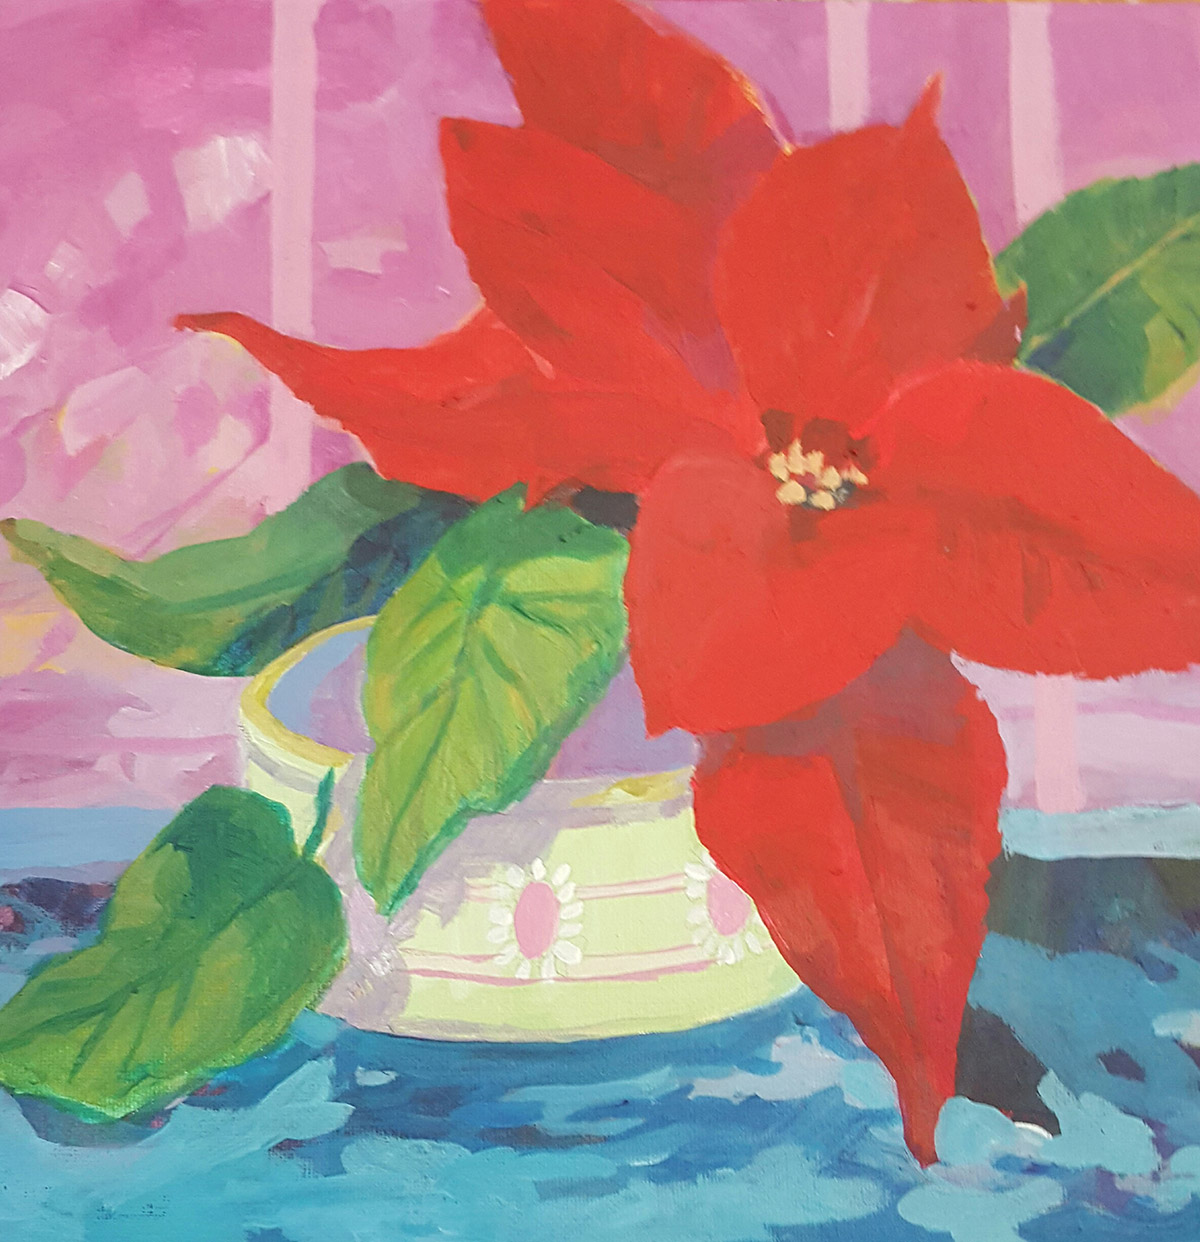 Poinsetta Painting